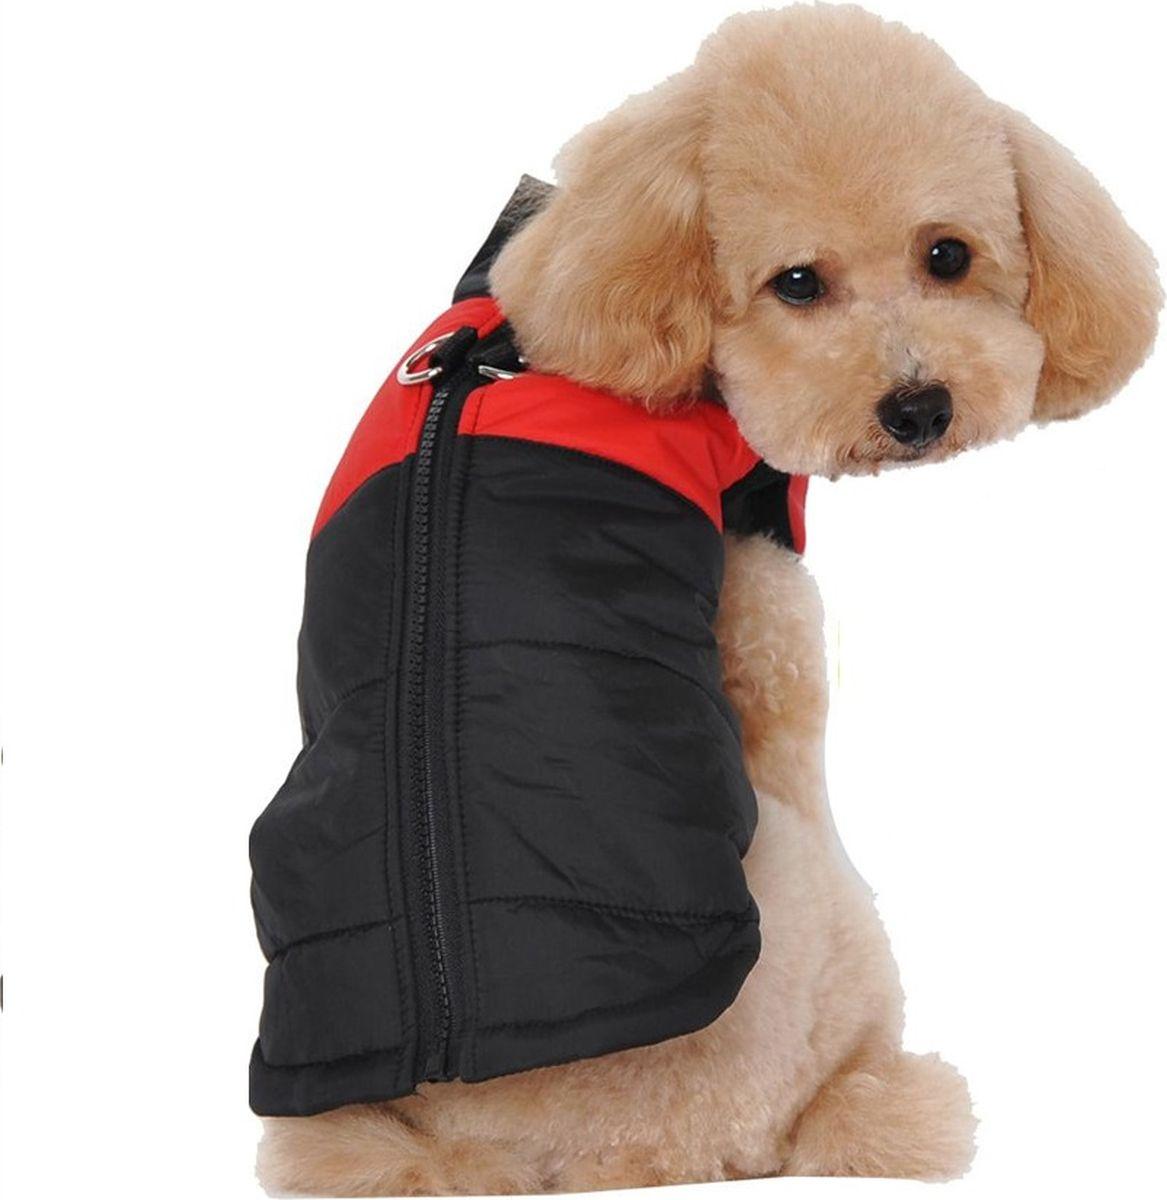 Жилет для собак  Fidget Go , цвет: черный, красный, водонепроницаемый, унисекс. Размер L - Одежда, обувь, украшения - Одежда